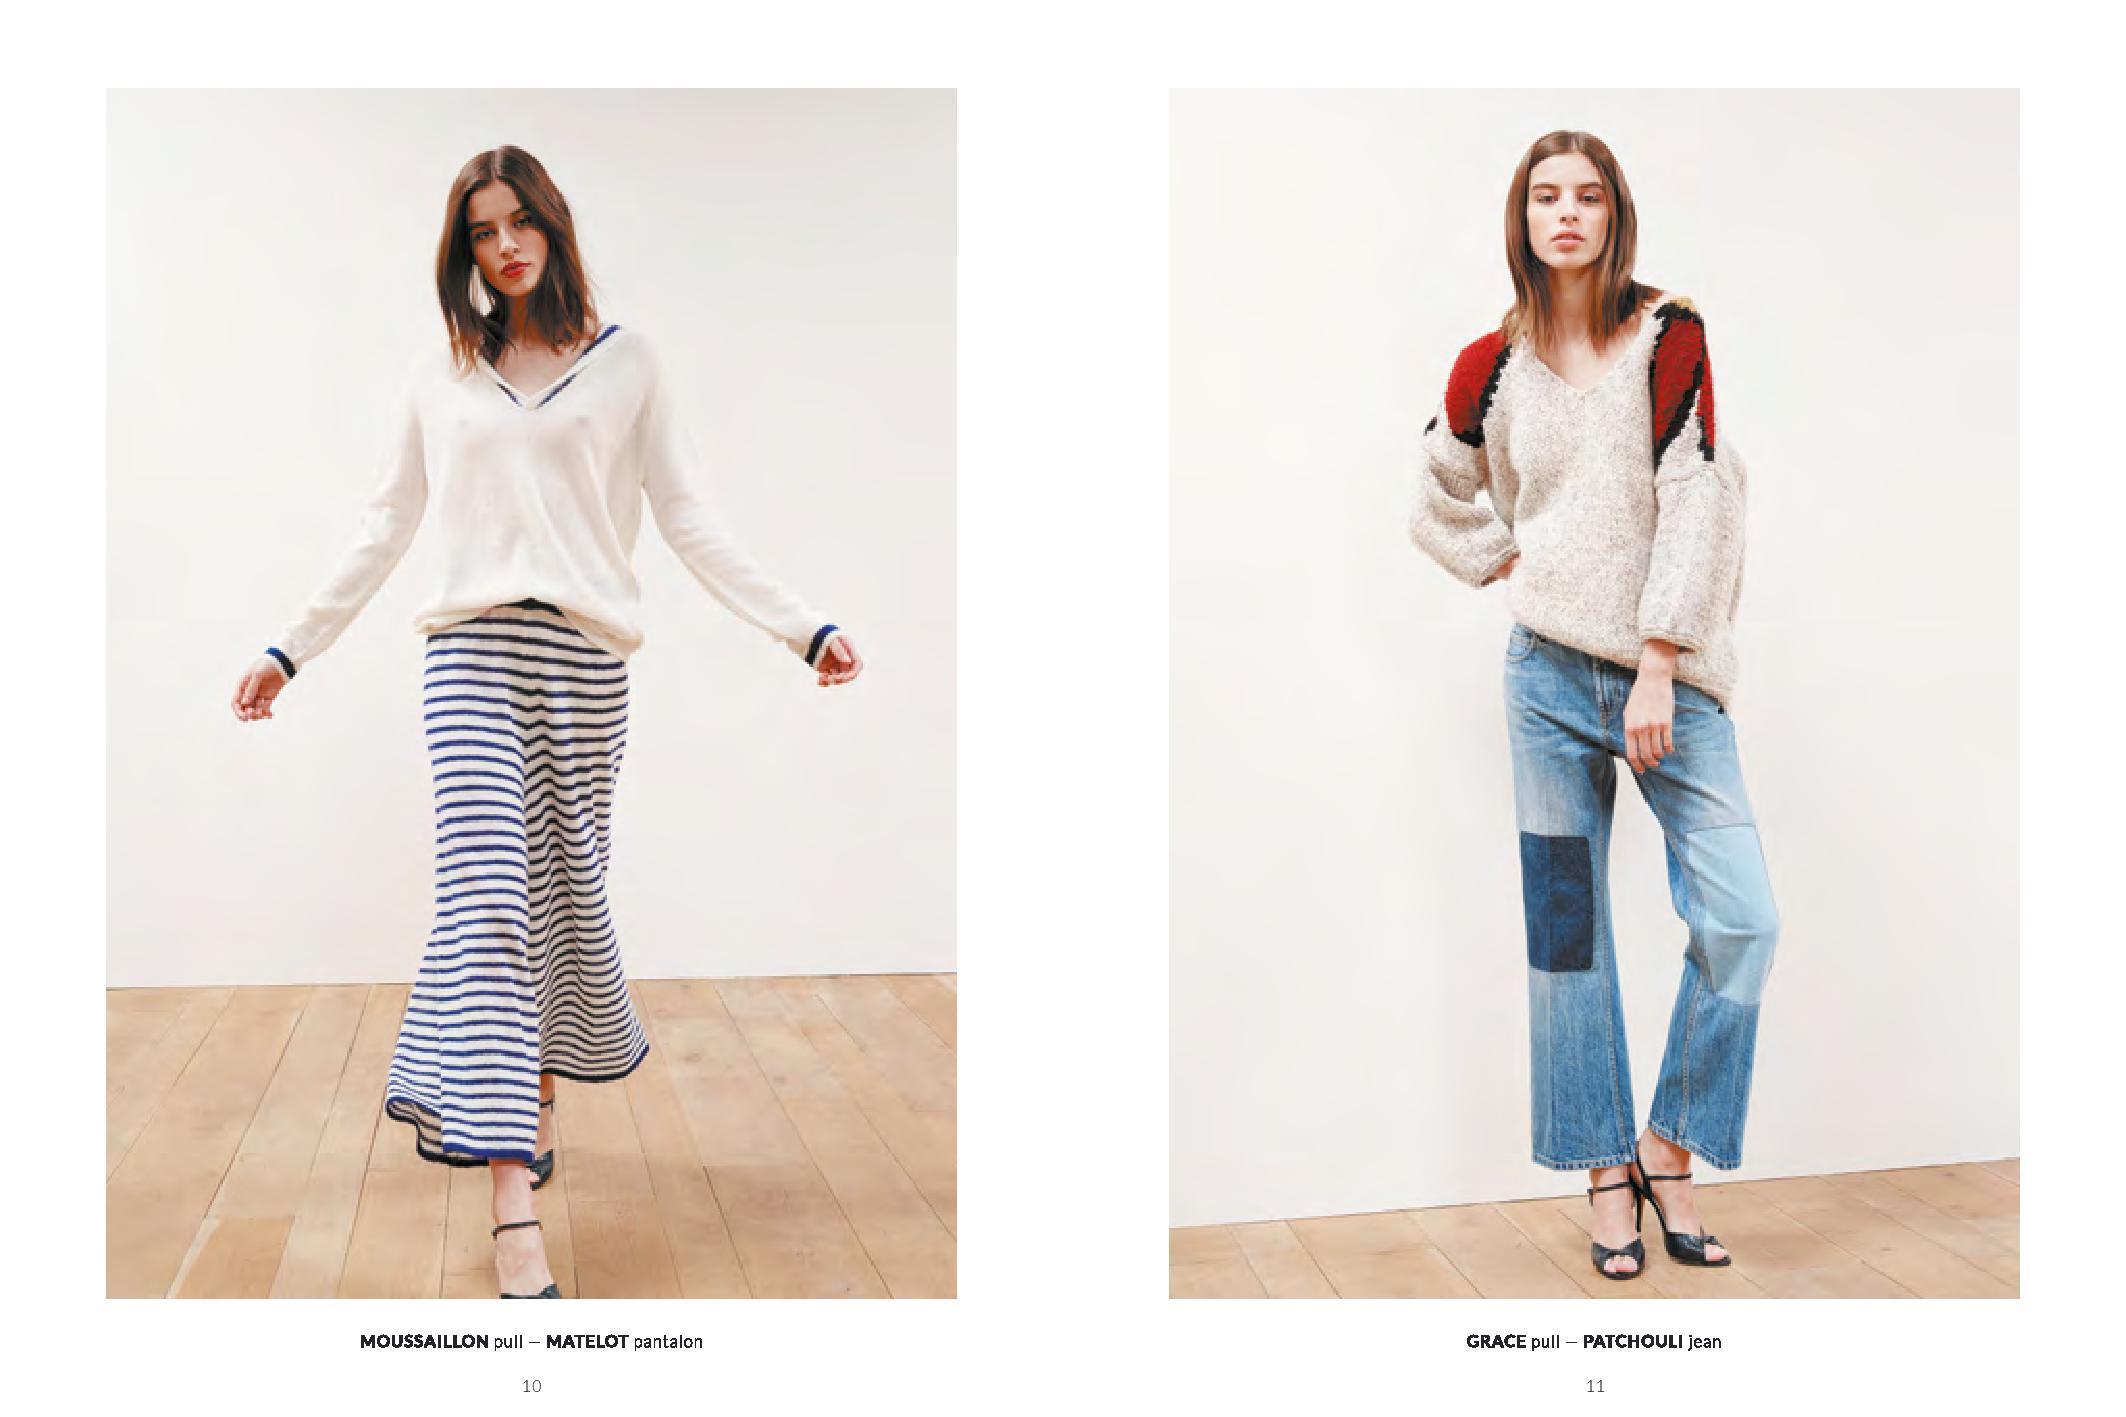 58_md_lookbook_mes_demoiselles_paris_web_dresscode-page-008.jpg